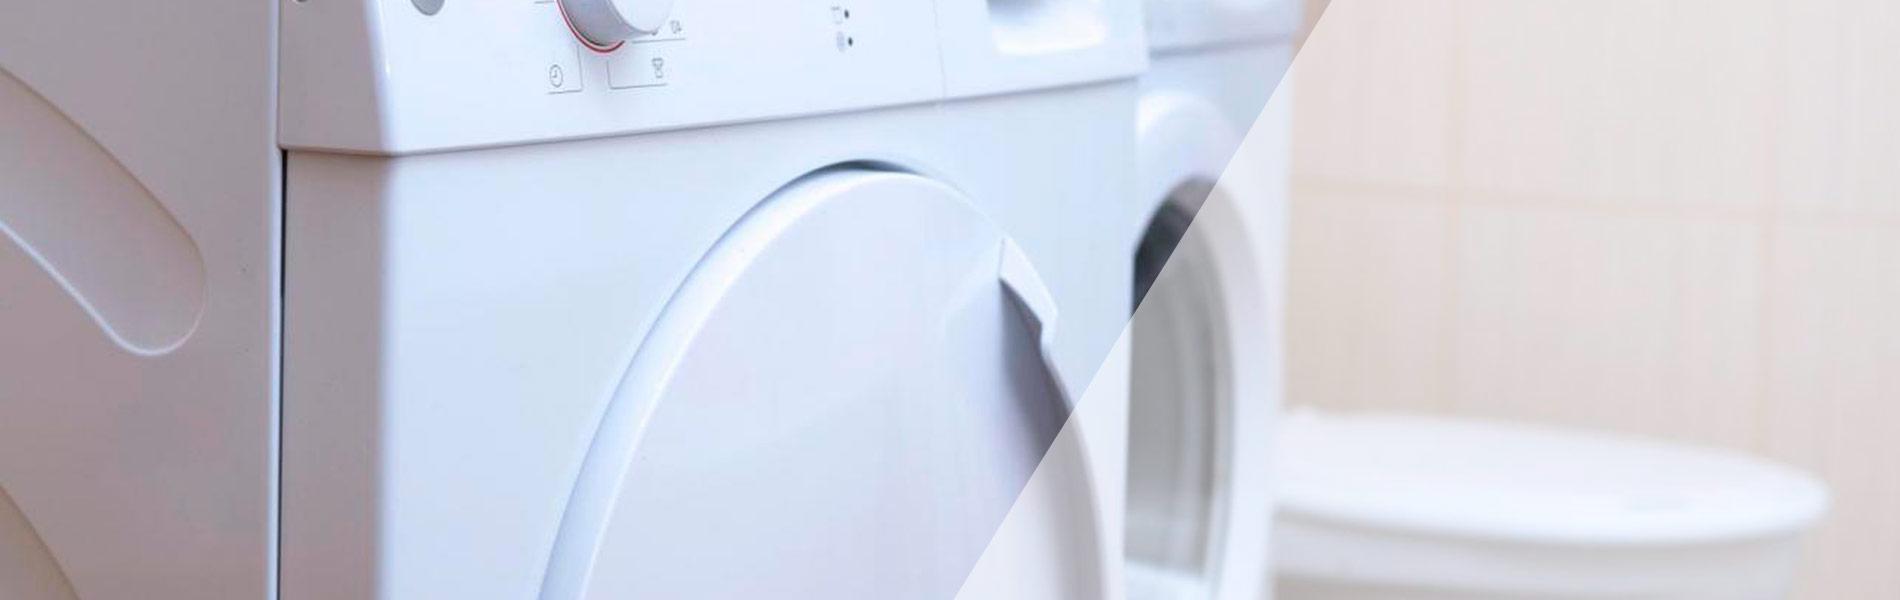 Reparação máquinas secar roupa